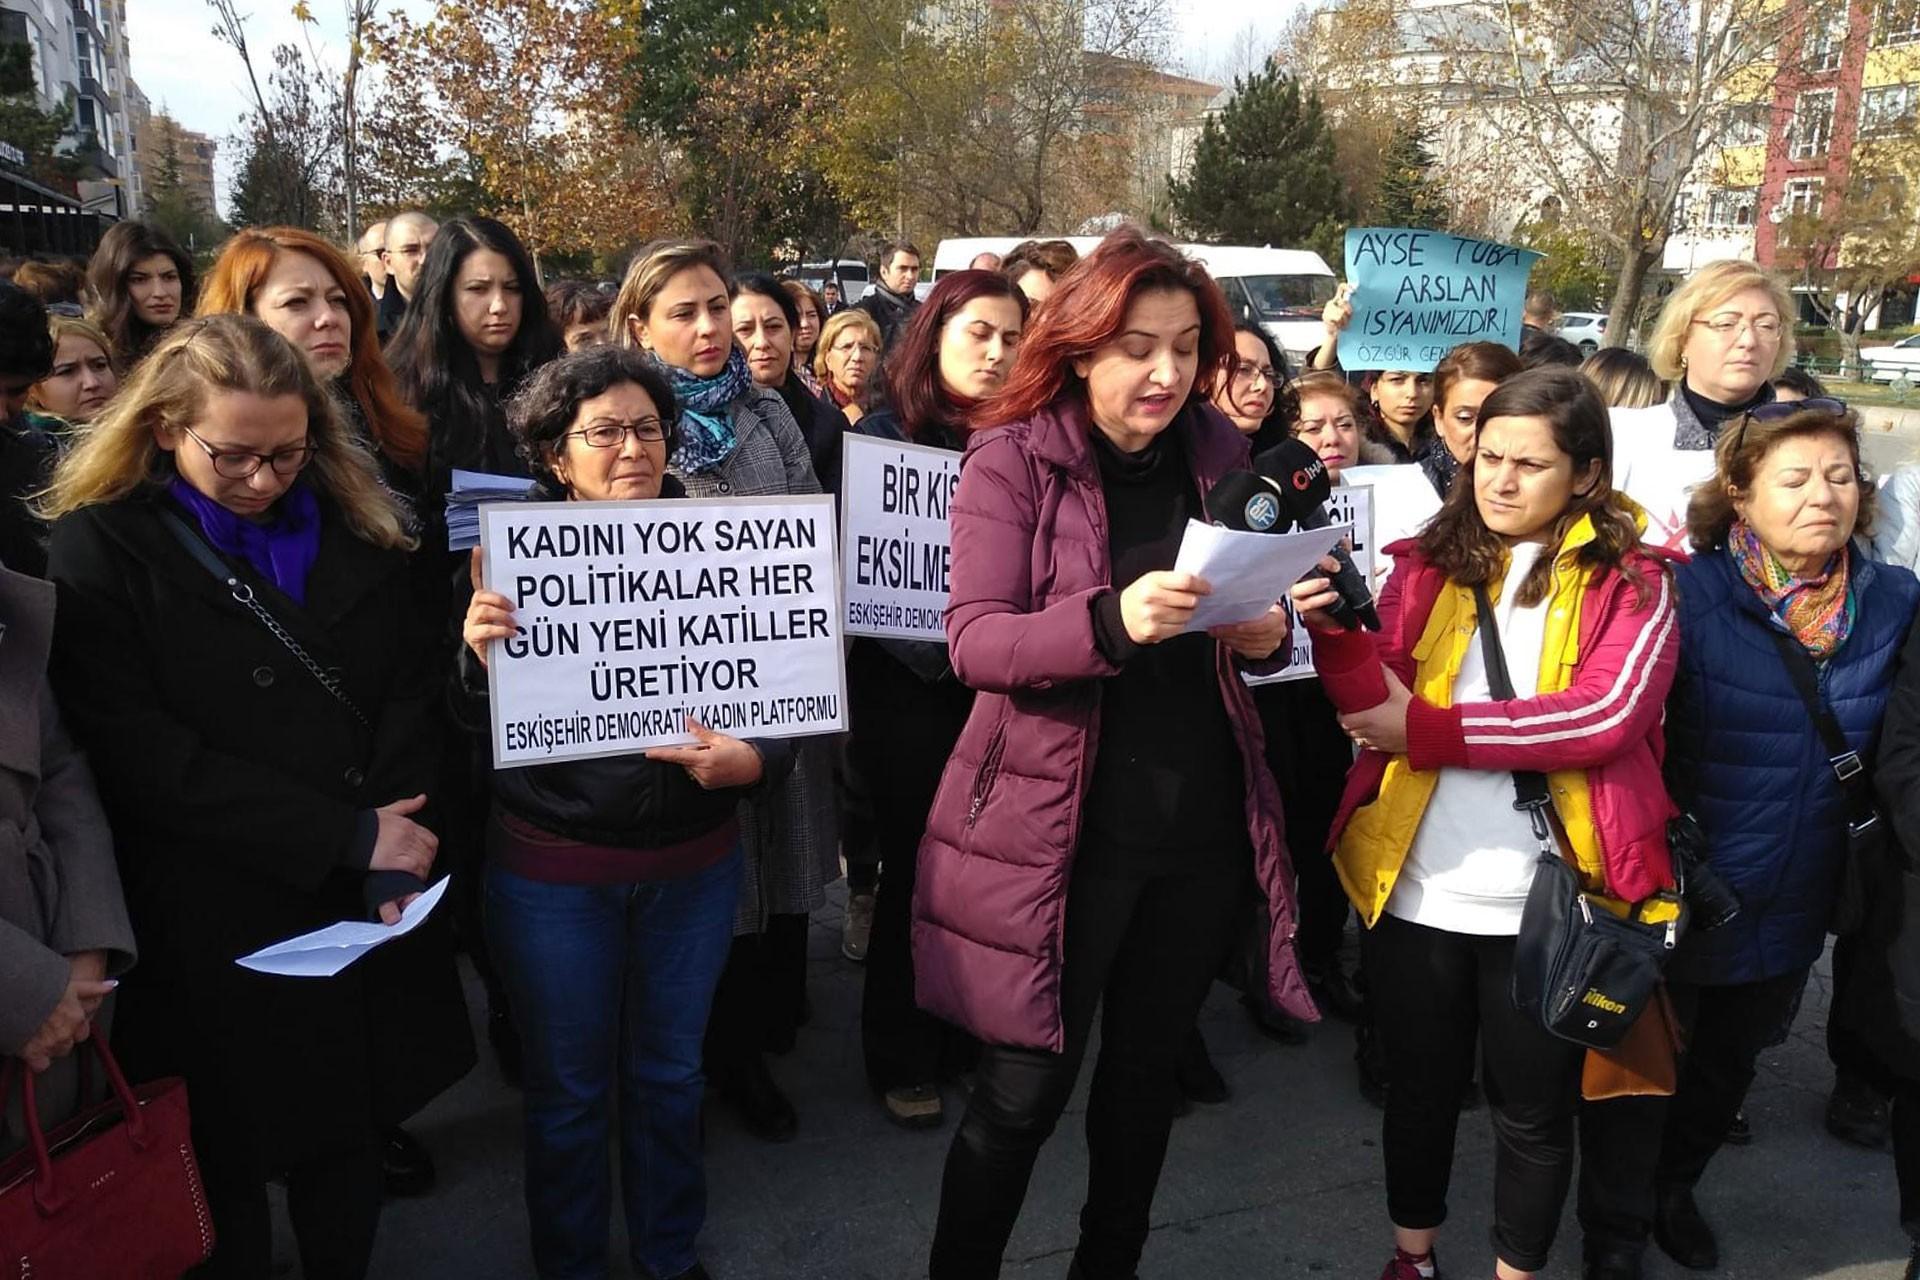 Ayşe Tuğba Arslan için düzenlenen basın açıklaması.